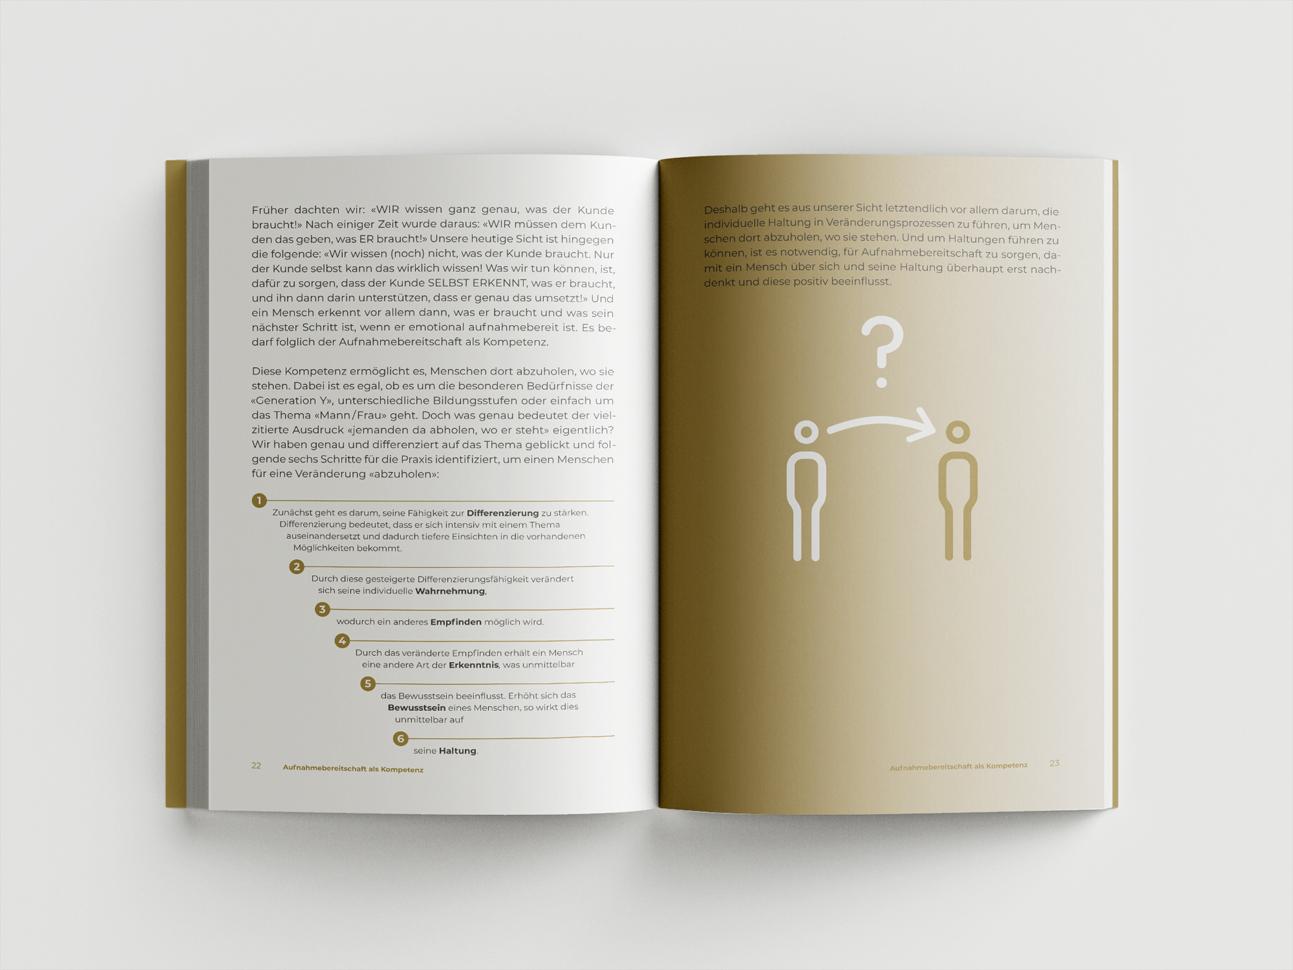 martin zech design, buchgestaltung, atilla vuran, mypontea, doppelseite 4